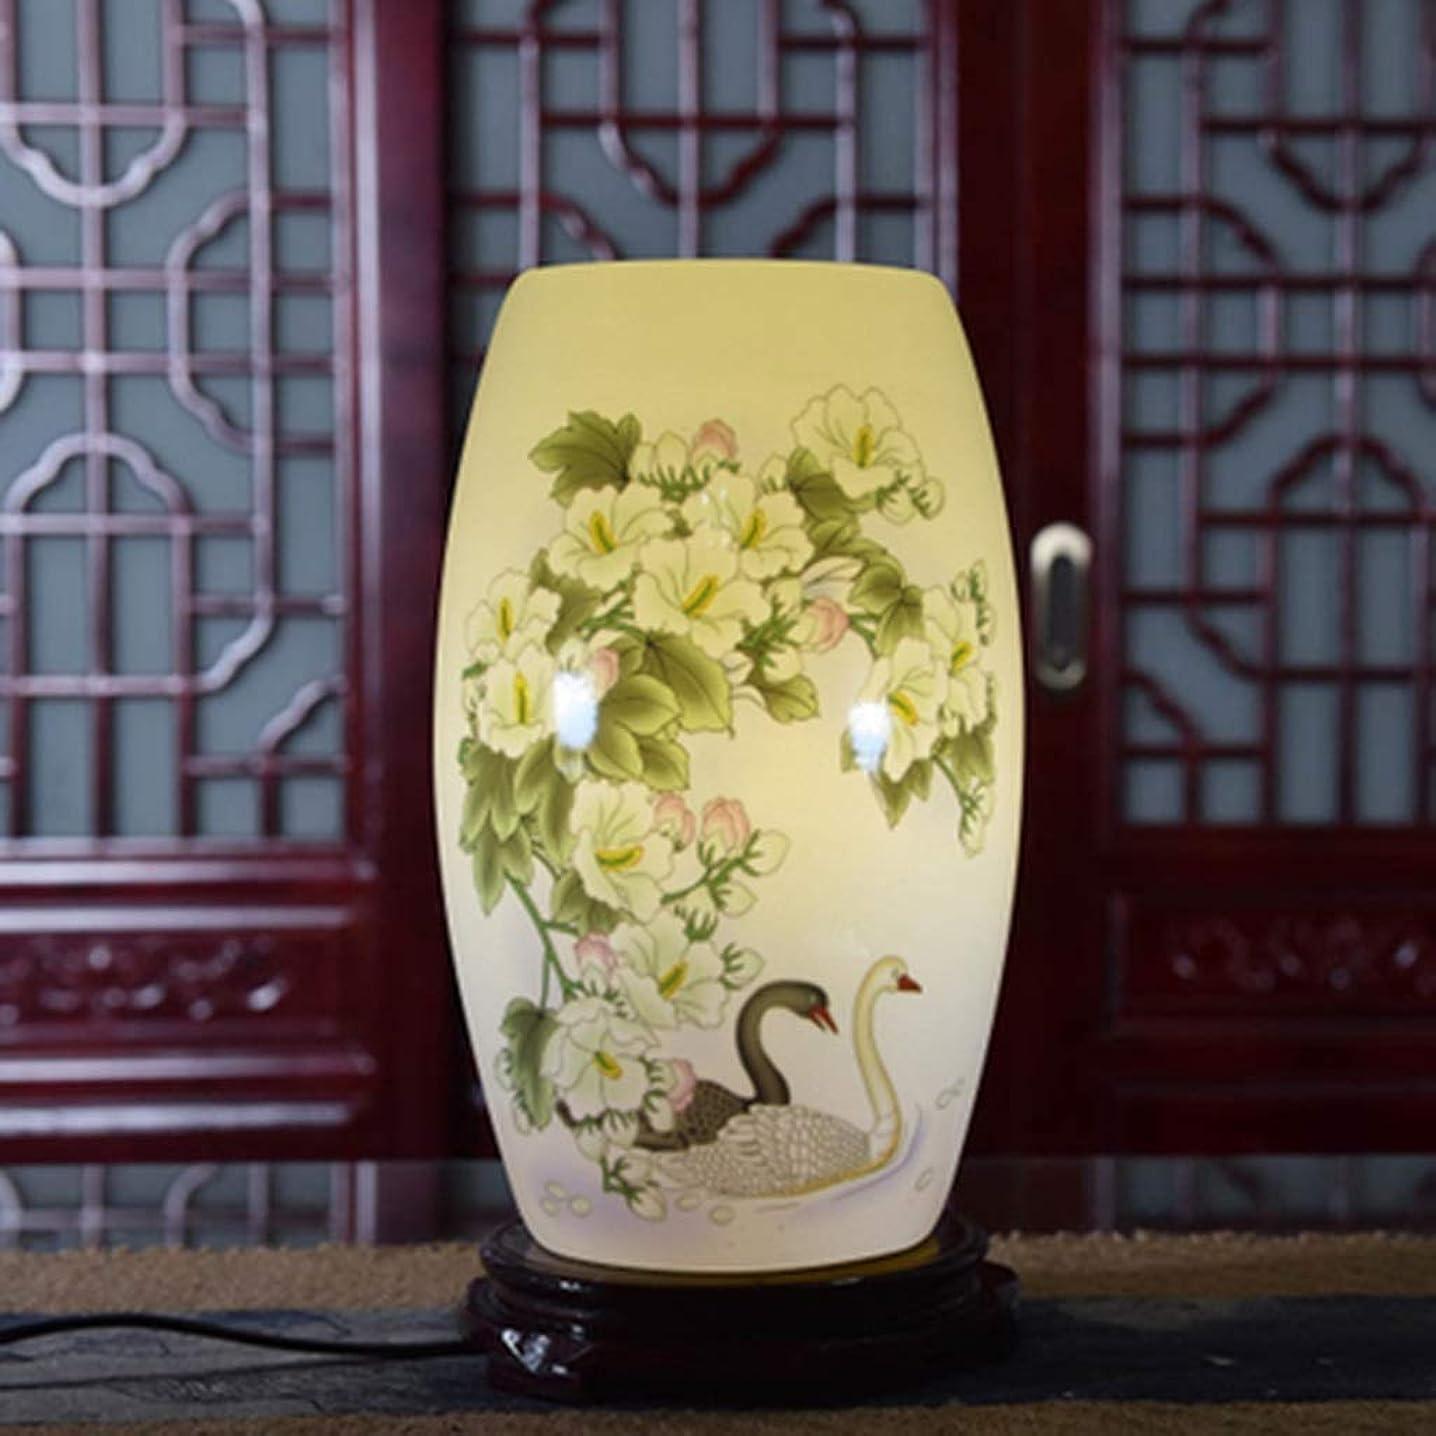 代数昆虫を見る有益レトロセラミックベッドサイドテーブルランプ寝室のリビングルーム研究デスクランプデスクランプ青と白の磁器パステルセラミックテーブルランプのヴィンテージの暖かい光 (Color : A)